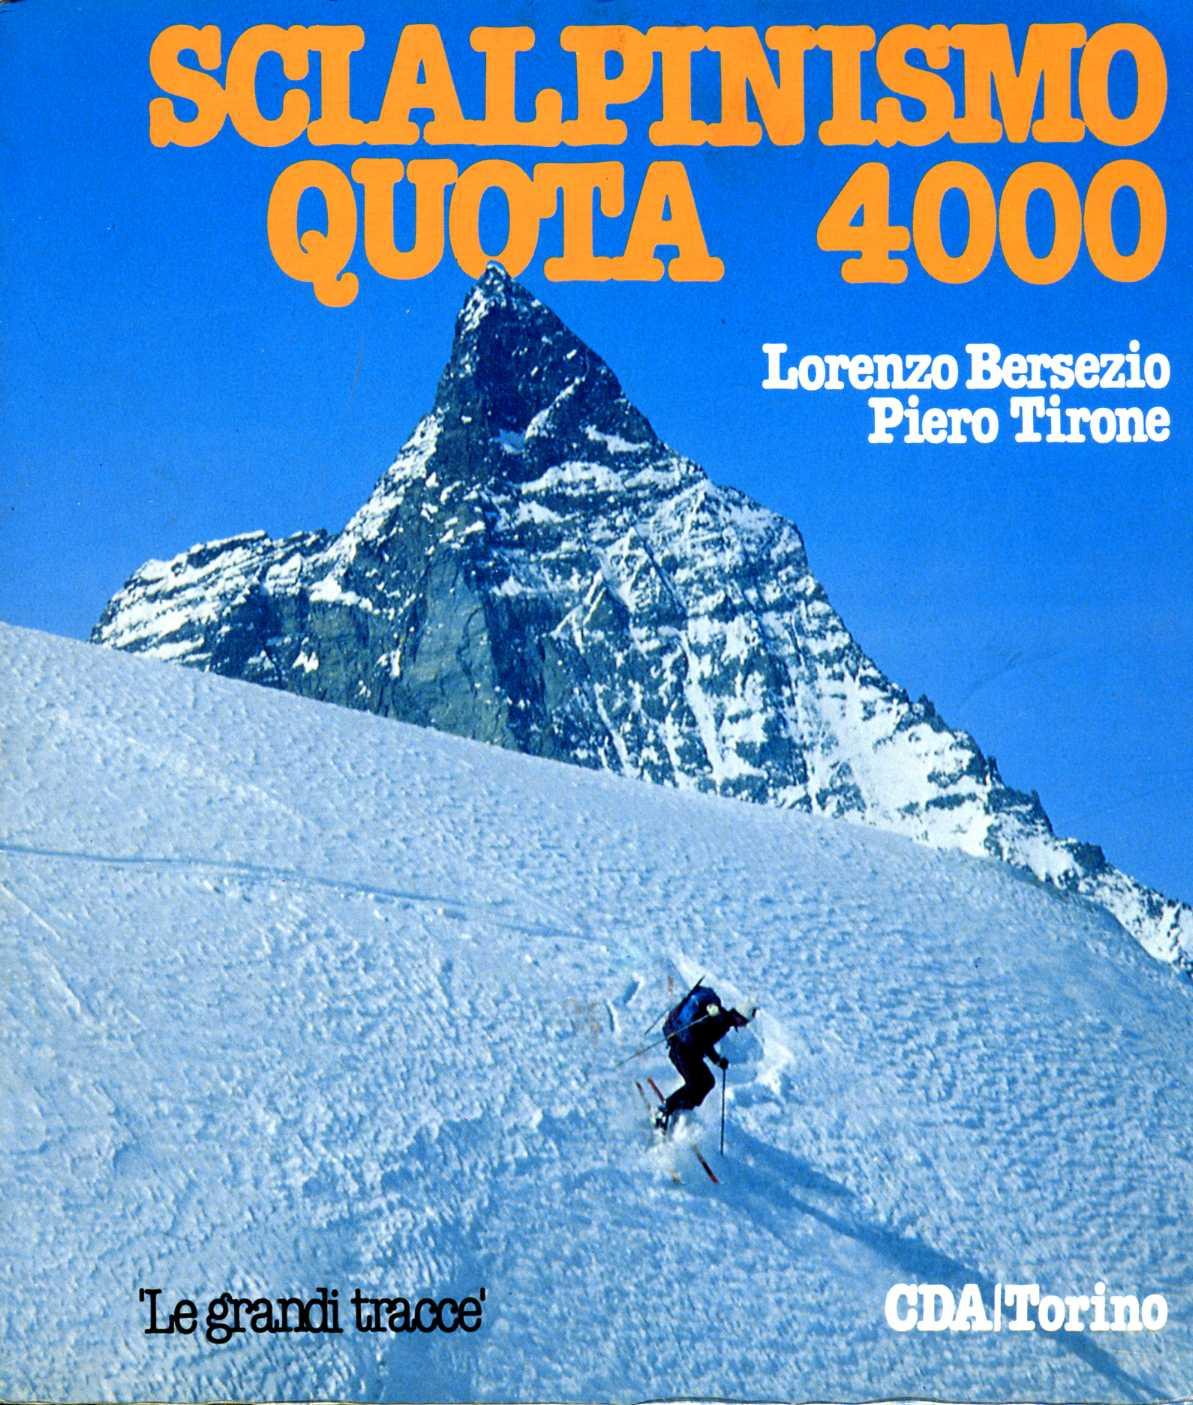 Scialpinismo Quota 4000